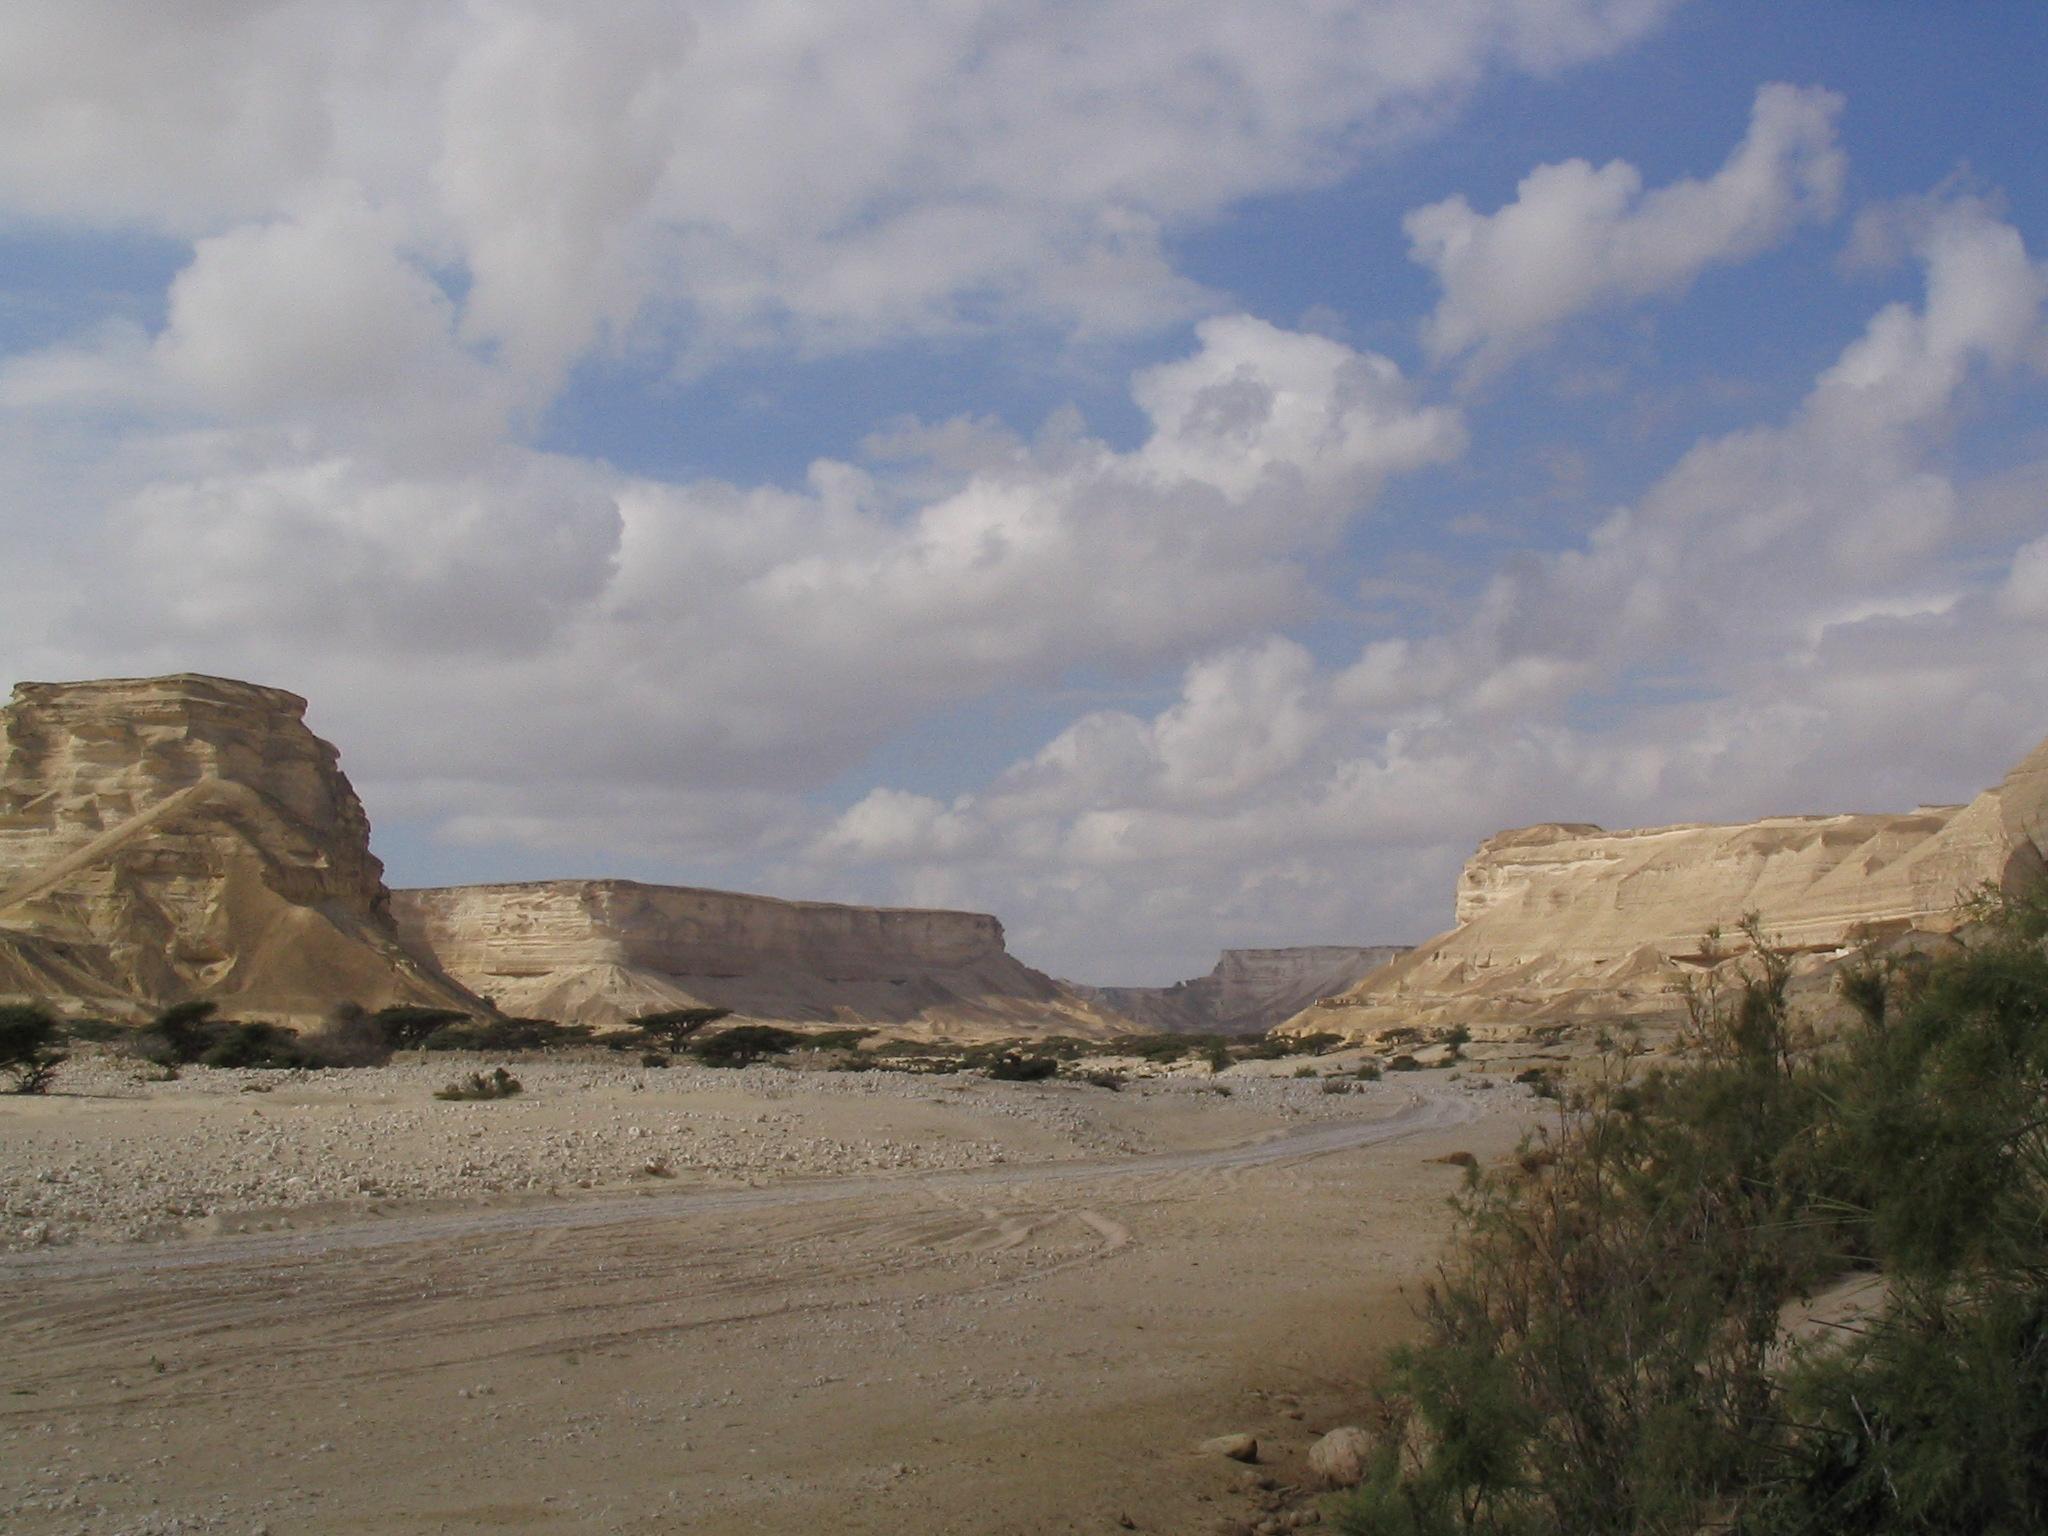 El cañon desertico al centro de mascate